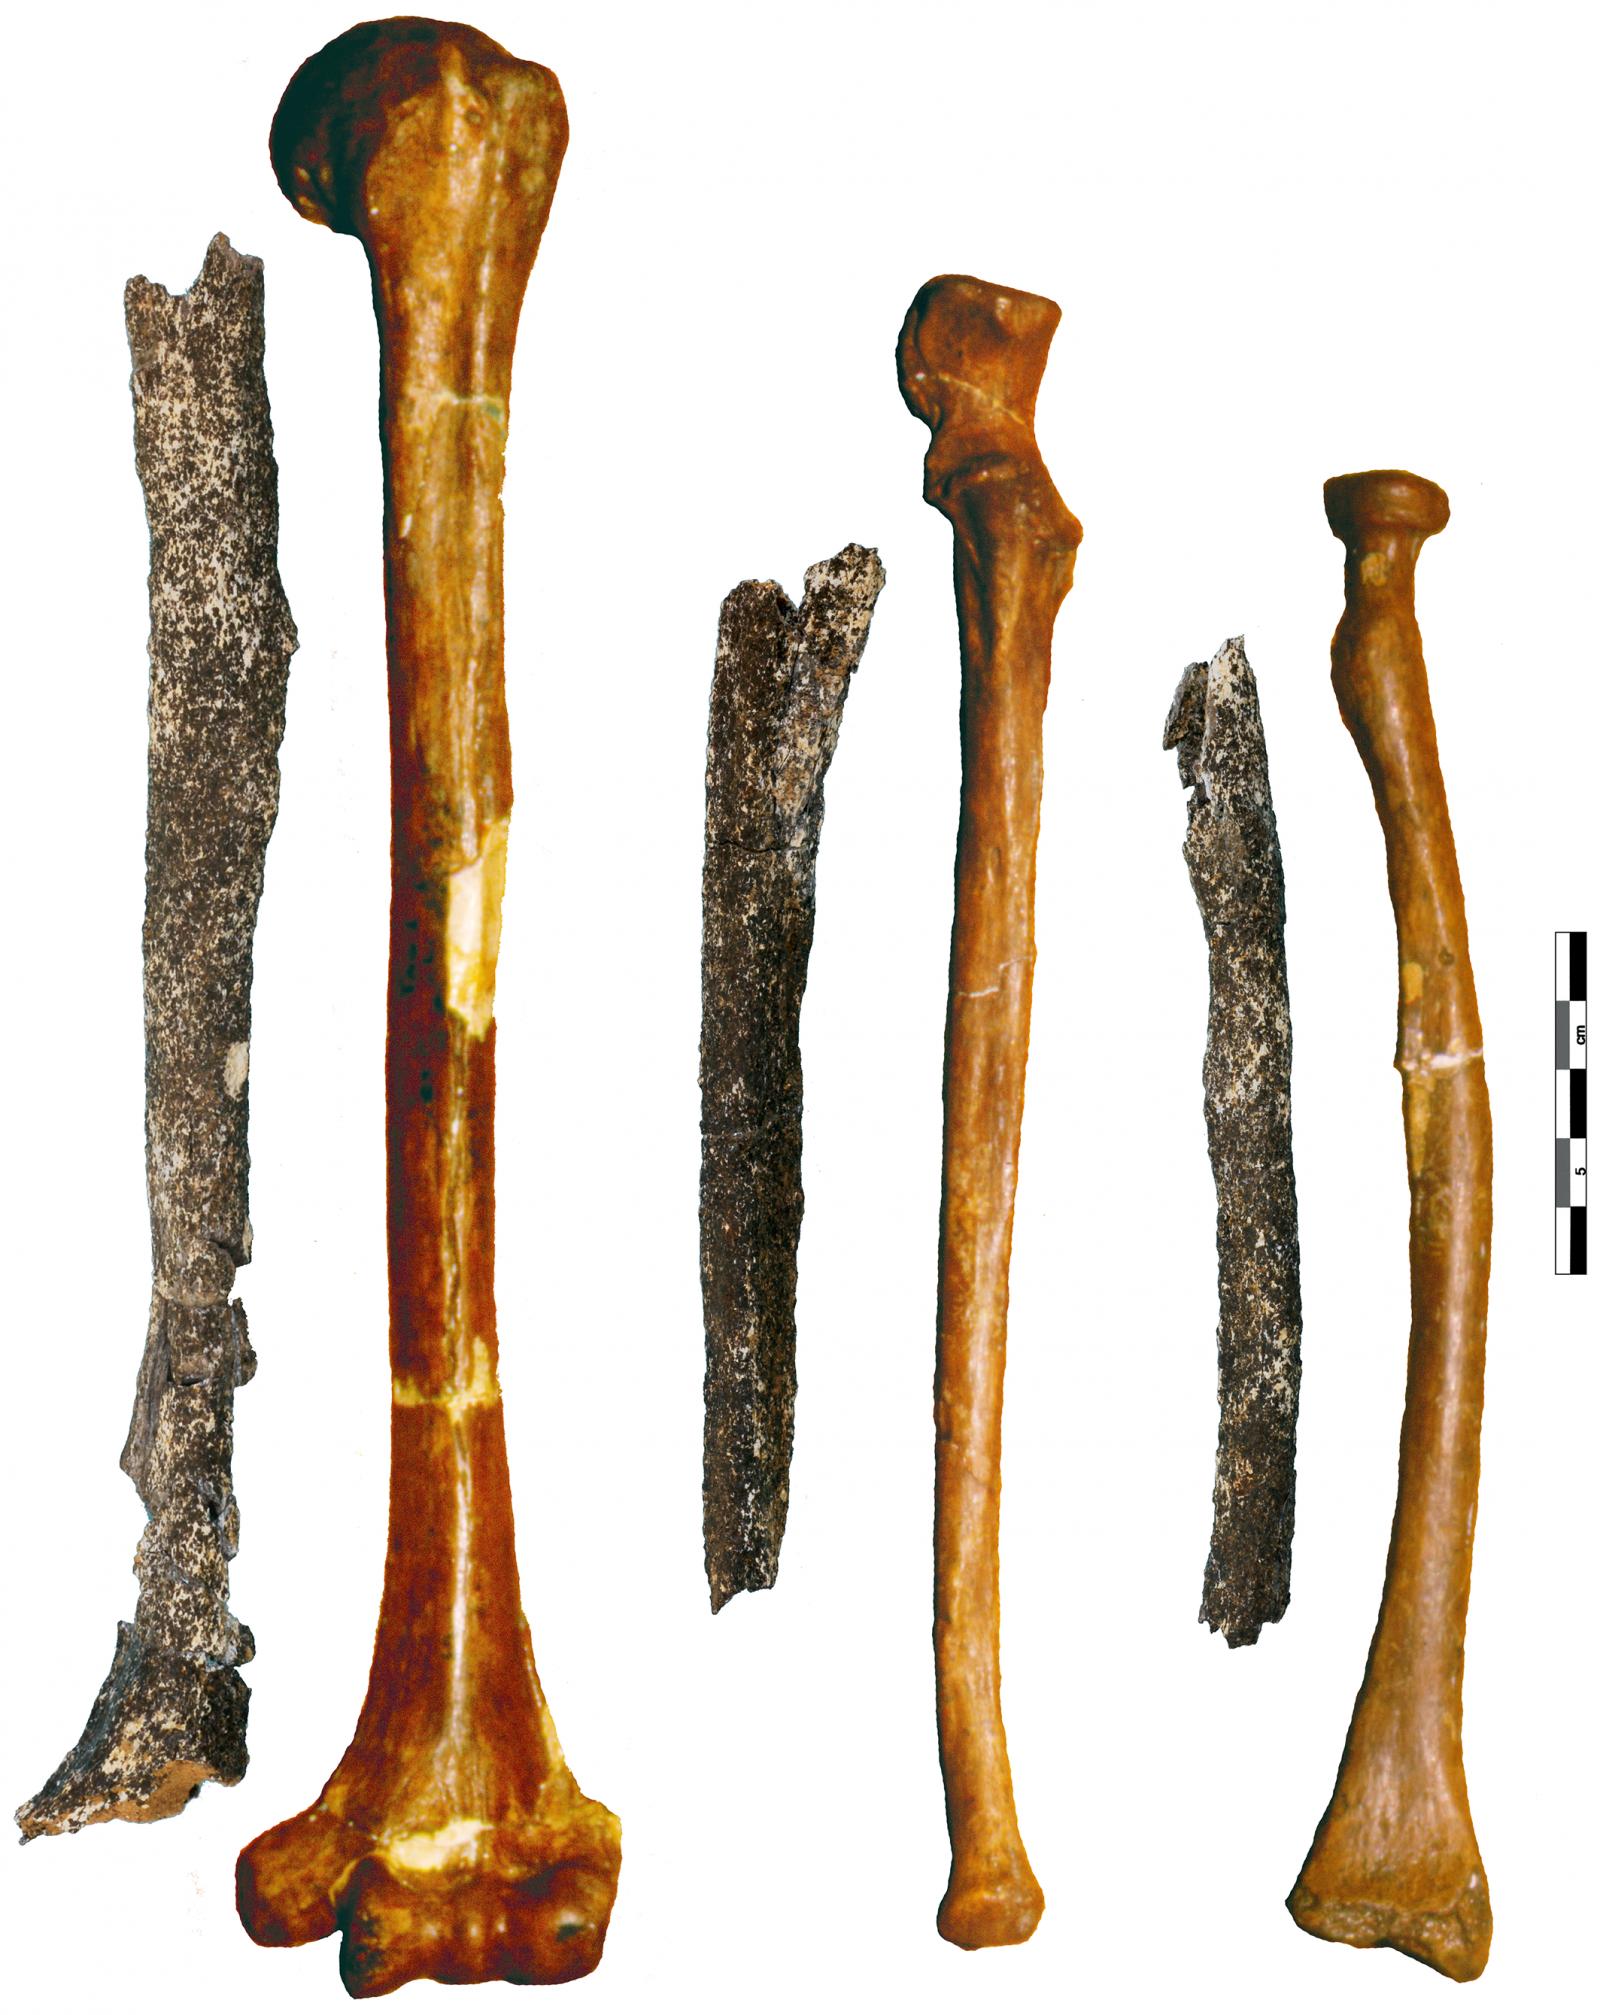 Pre-Neanderthal Arm Bones